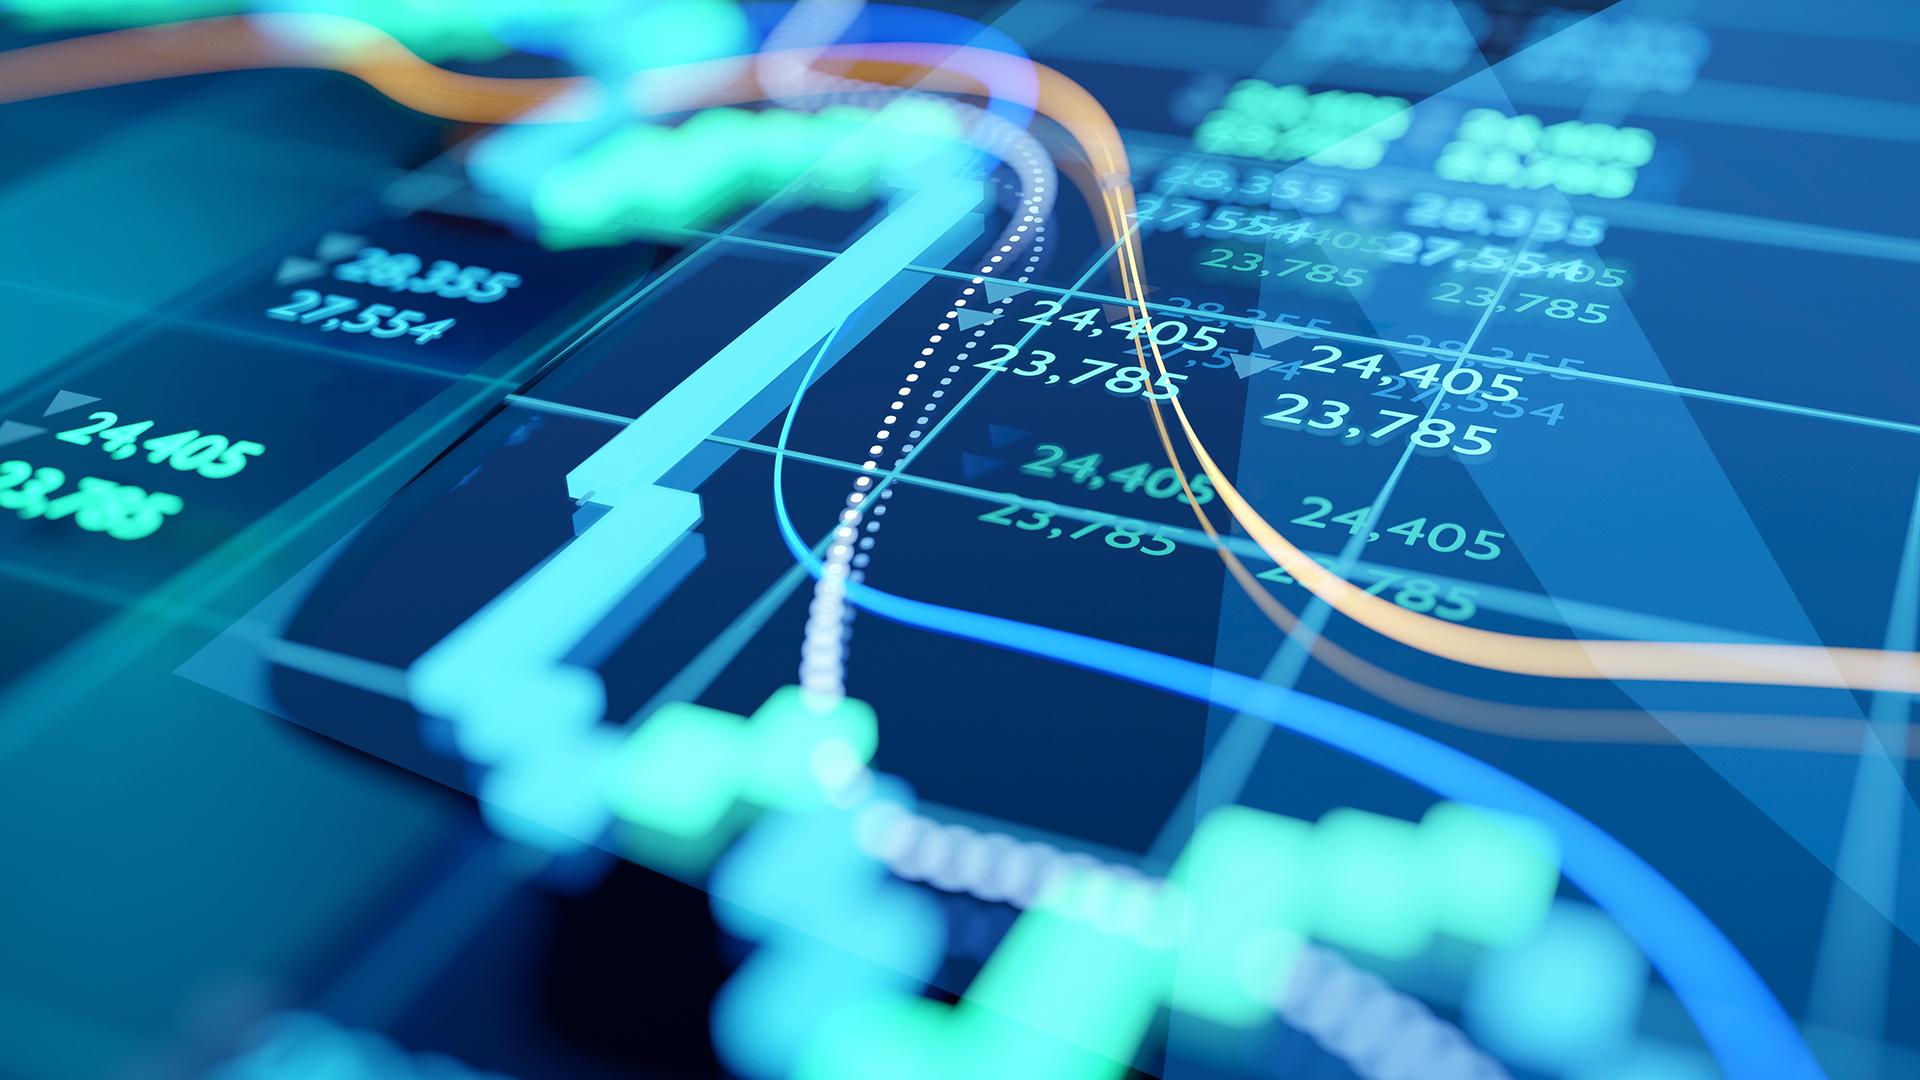 Wirtschaft, Geschäft, Börse, Business, Aktie, Aktien, Aktienkurs, Kurs, Geschäftskunden, Finanzen, Geschäftsbericht, Business Network, Finanzwesen, Diagramm, Ökonomie, Verlauf, chart, Werte, Aktienwert, DAX, Aktienpaket, Kursverlauf, Abstieg